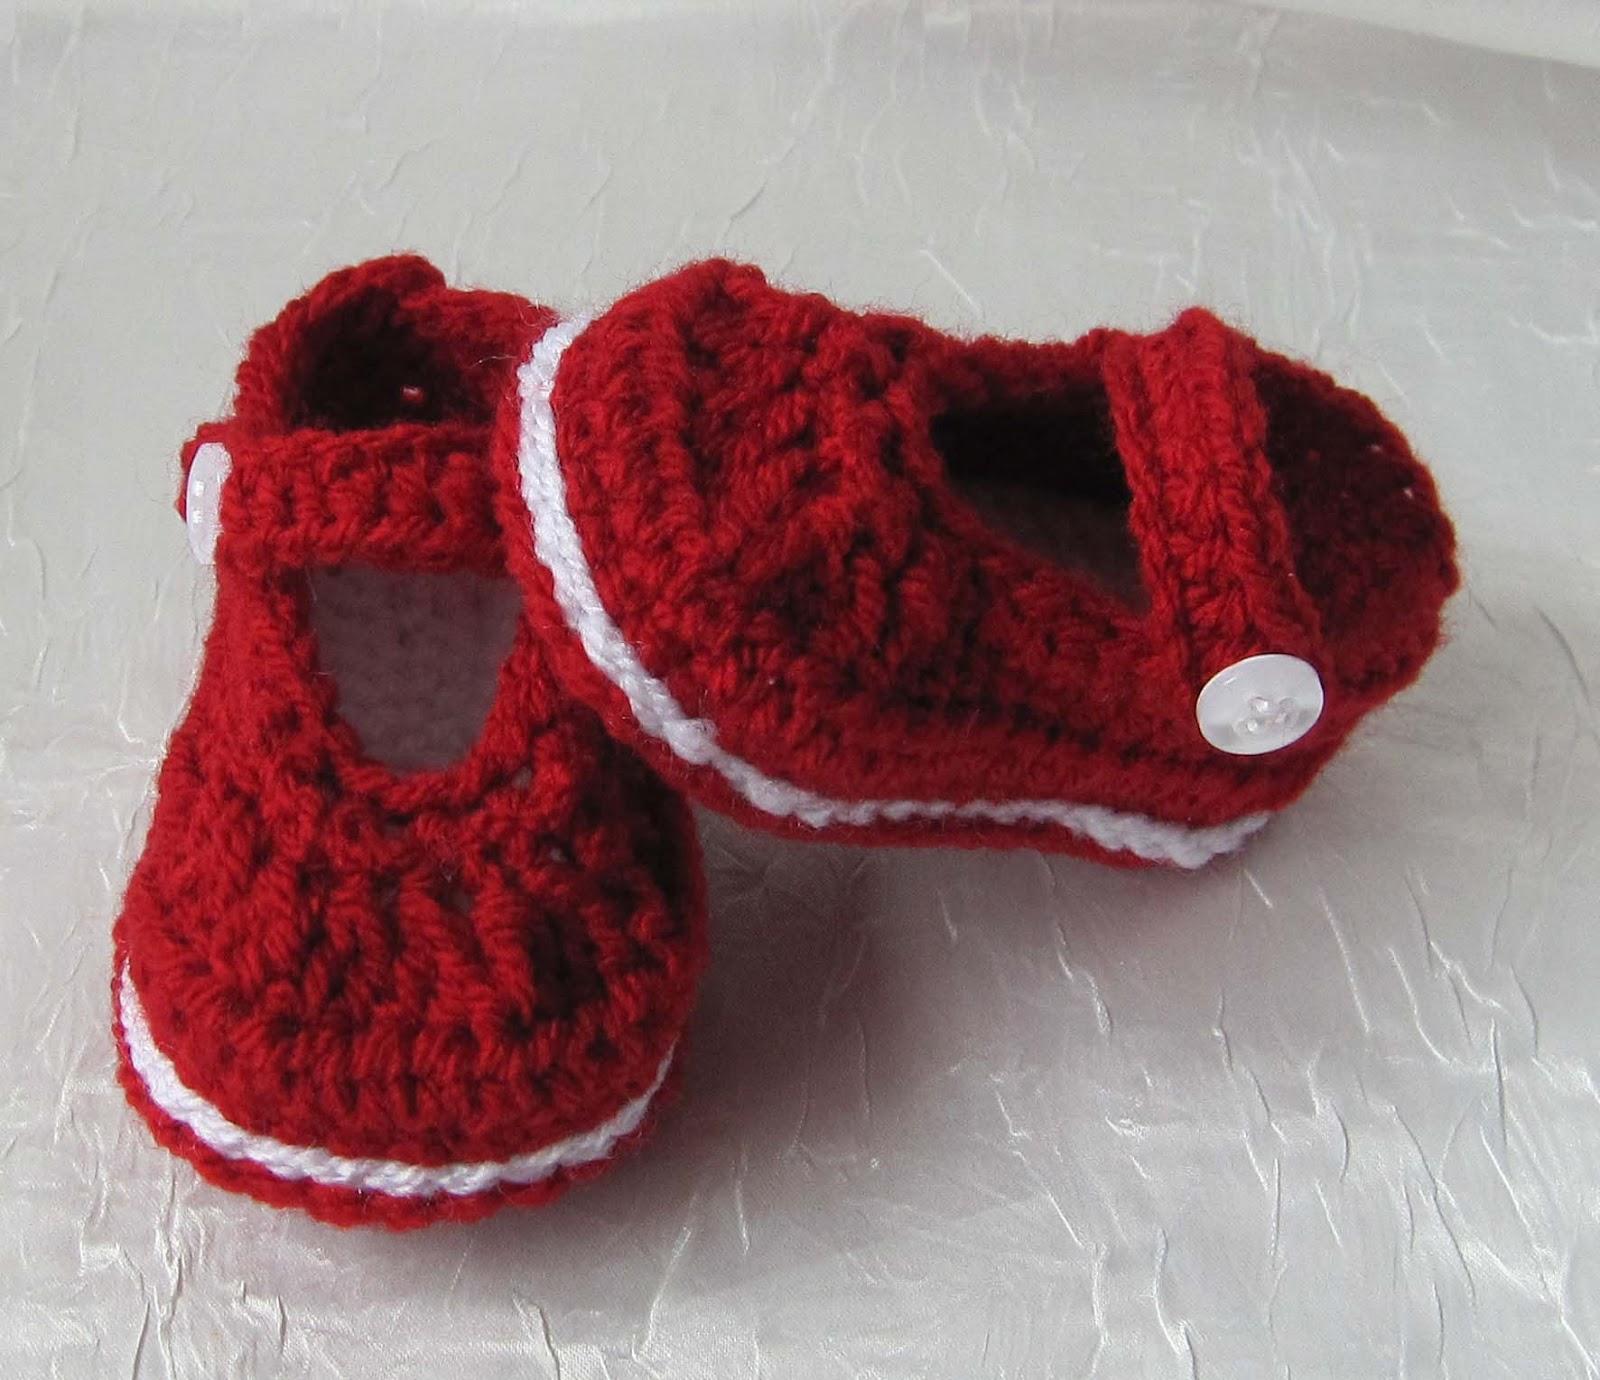 Babyschuhe Babyschuhe S8airsoftgames Kostenlos Anleitung